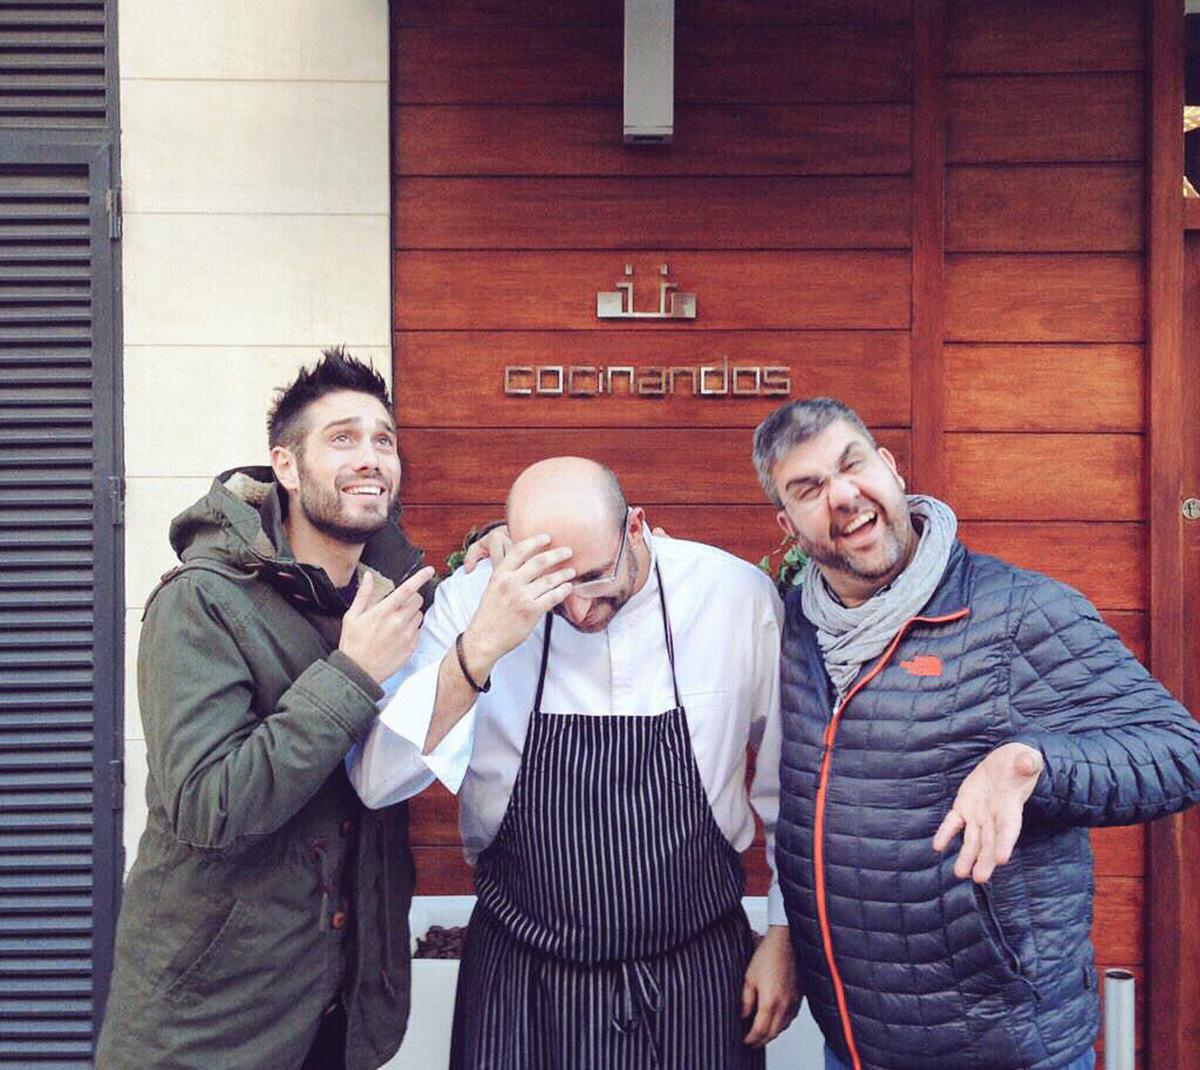 Dani Martínez con Florentino Fernández y el chef de 'Cocinandos',  Juanjo Pérez. Foto: Cedida por Dani Martínez